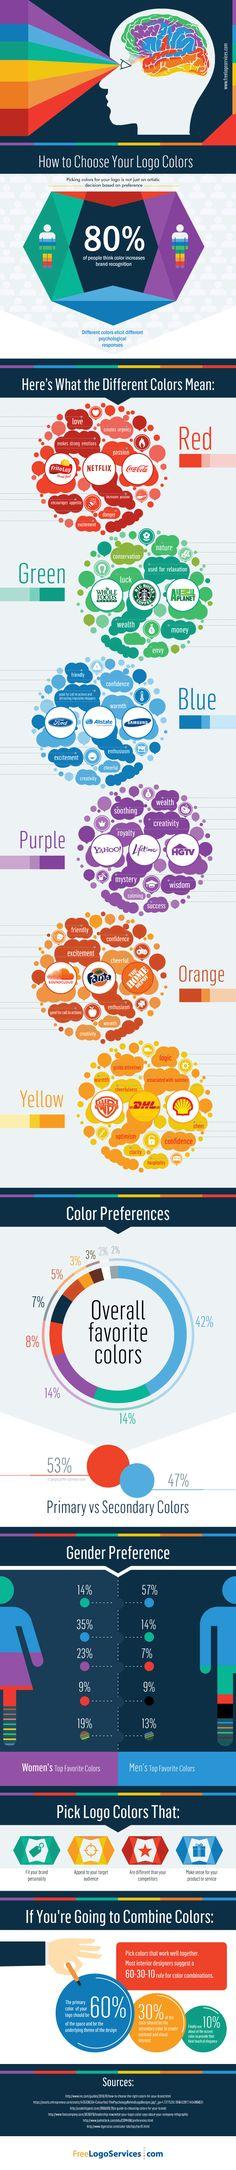 Plutôt jaune comme DHL, Shell ou Orange comme Soundcloud et Fanta ? A moins que vous préfériez le bleu de Ford et Samsung ?